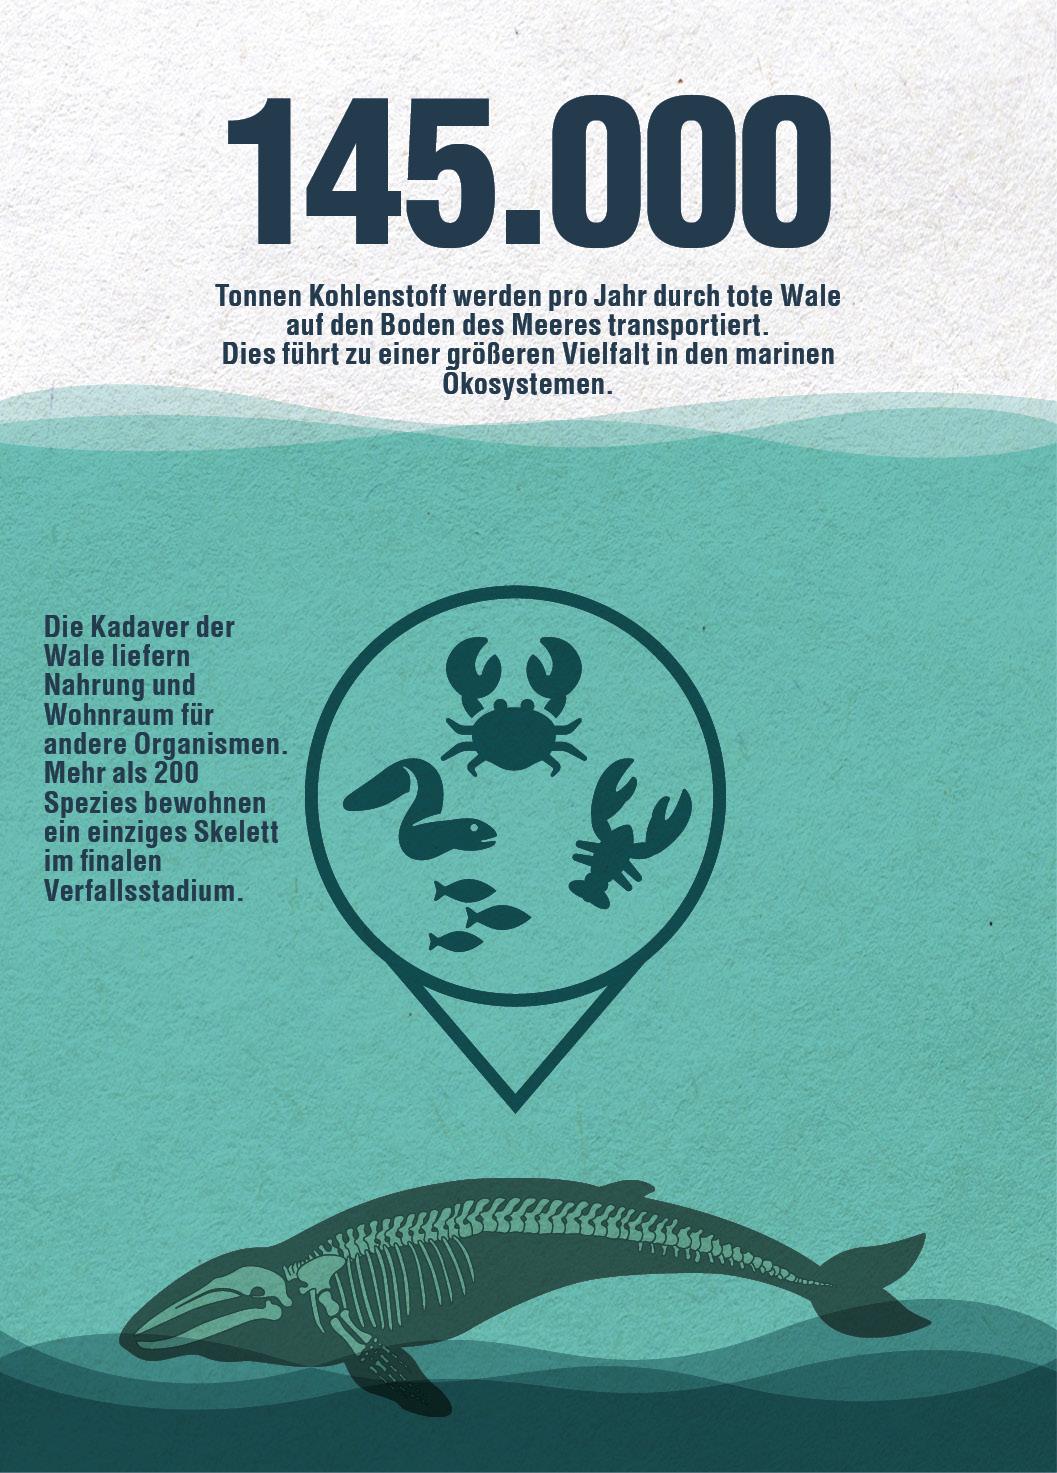 Infografik Wale Klimakrise Kohlenstoff